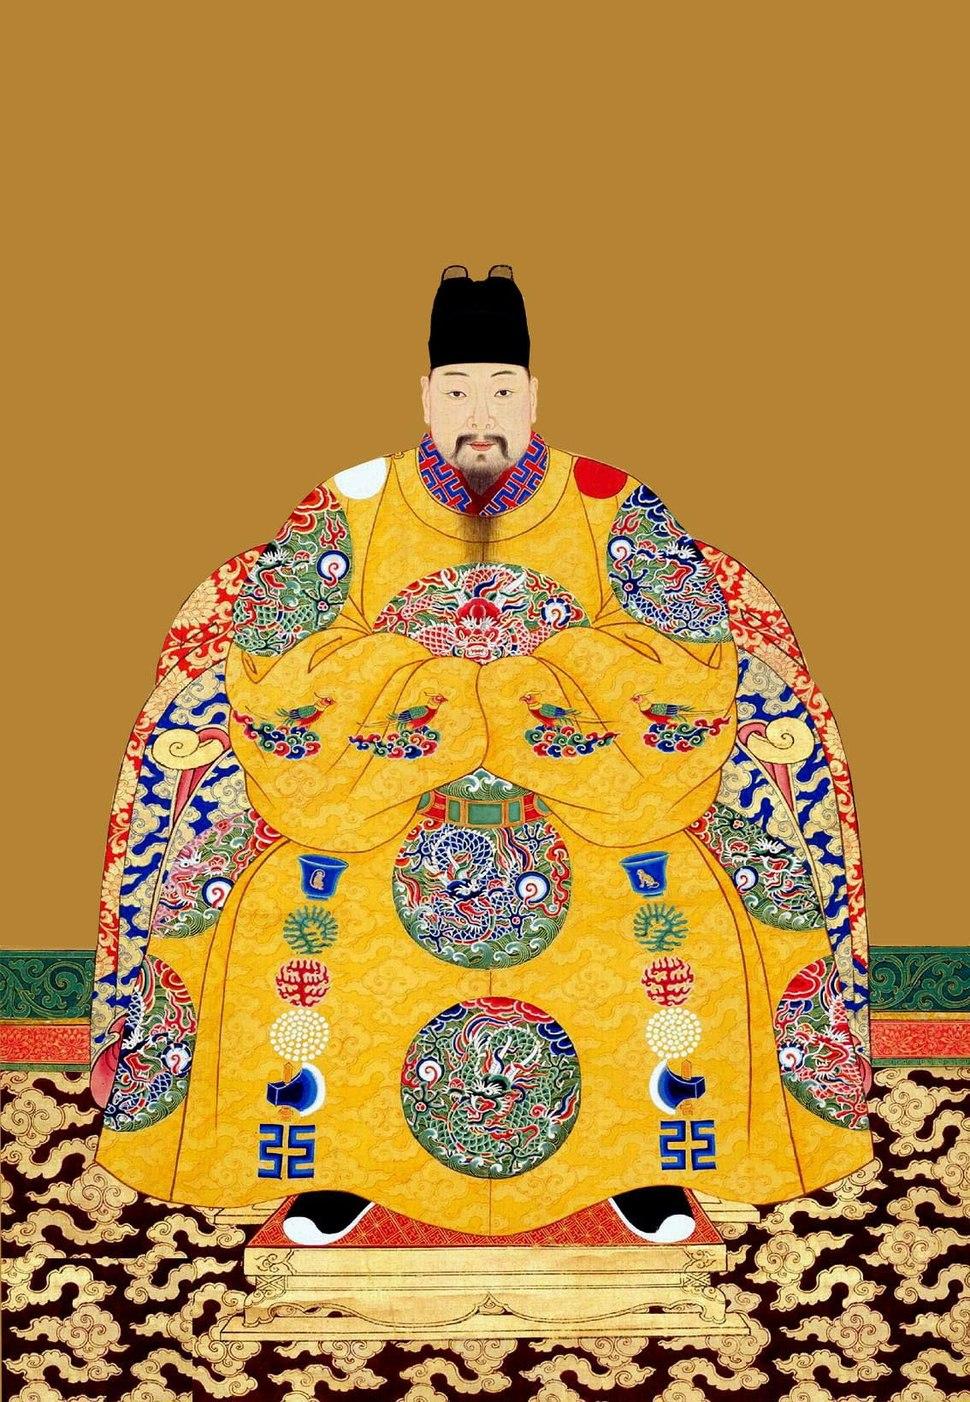 Ming Yejong